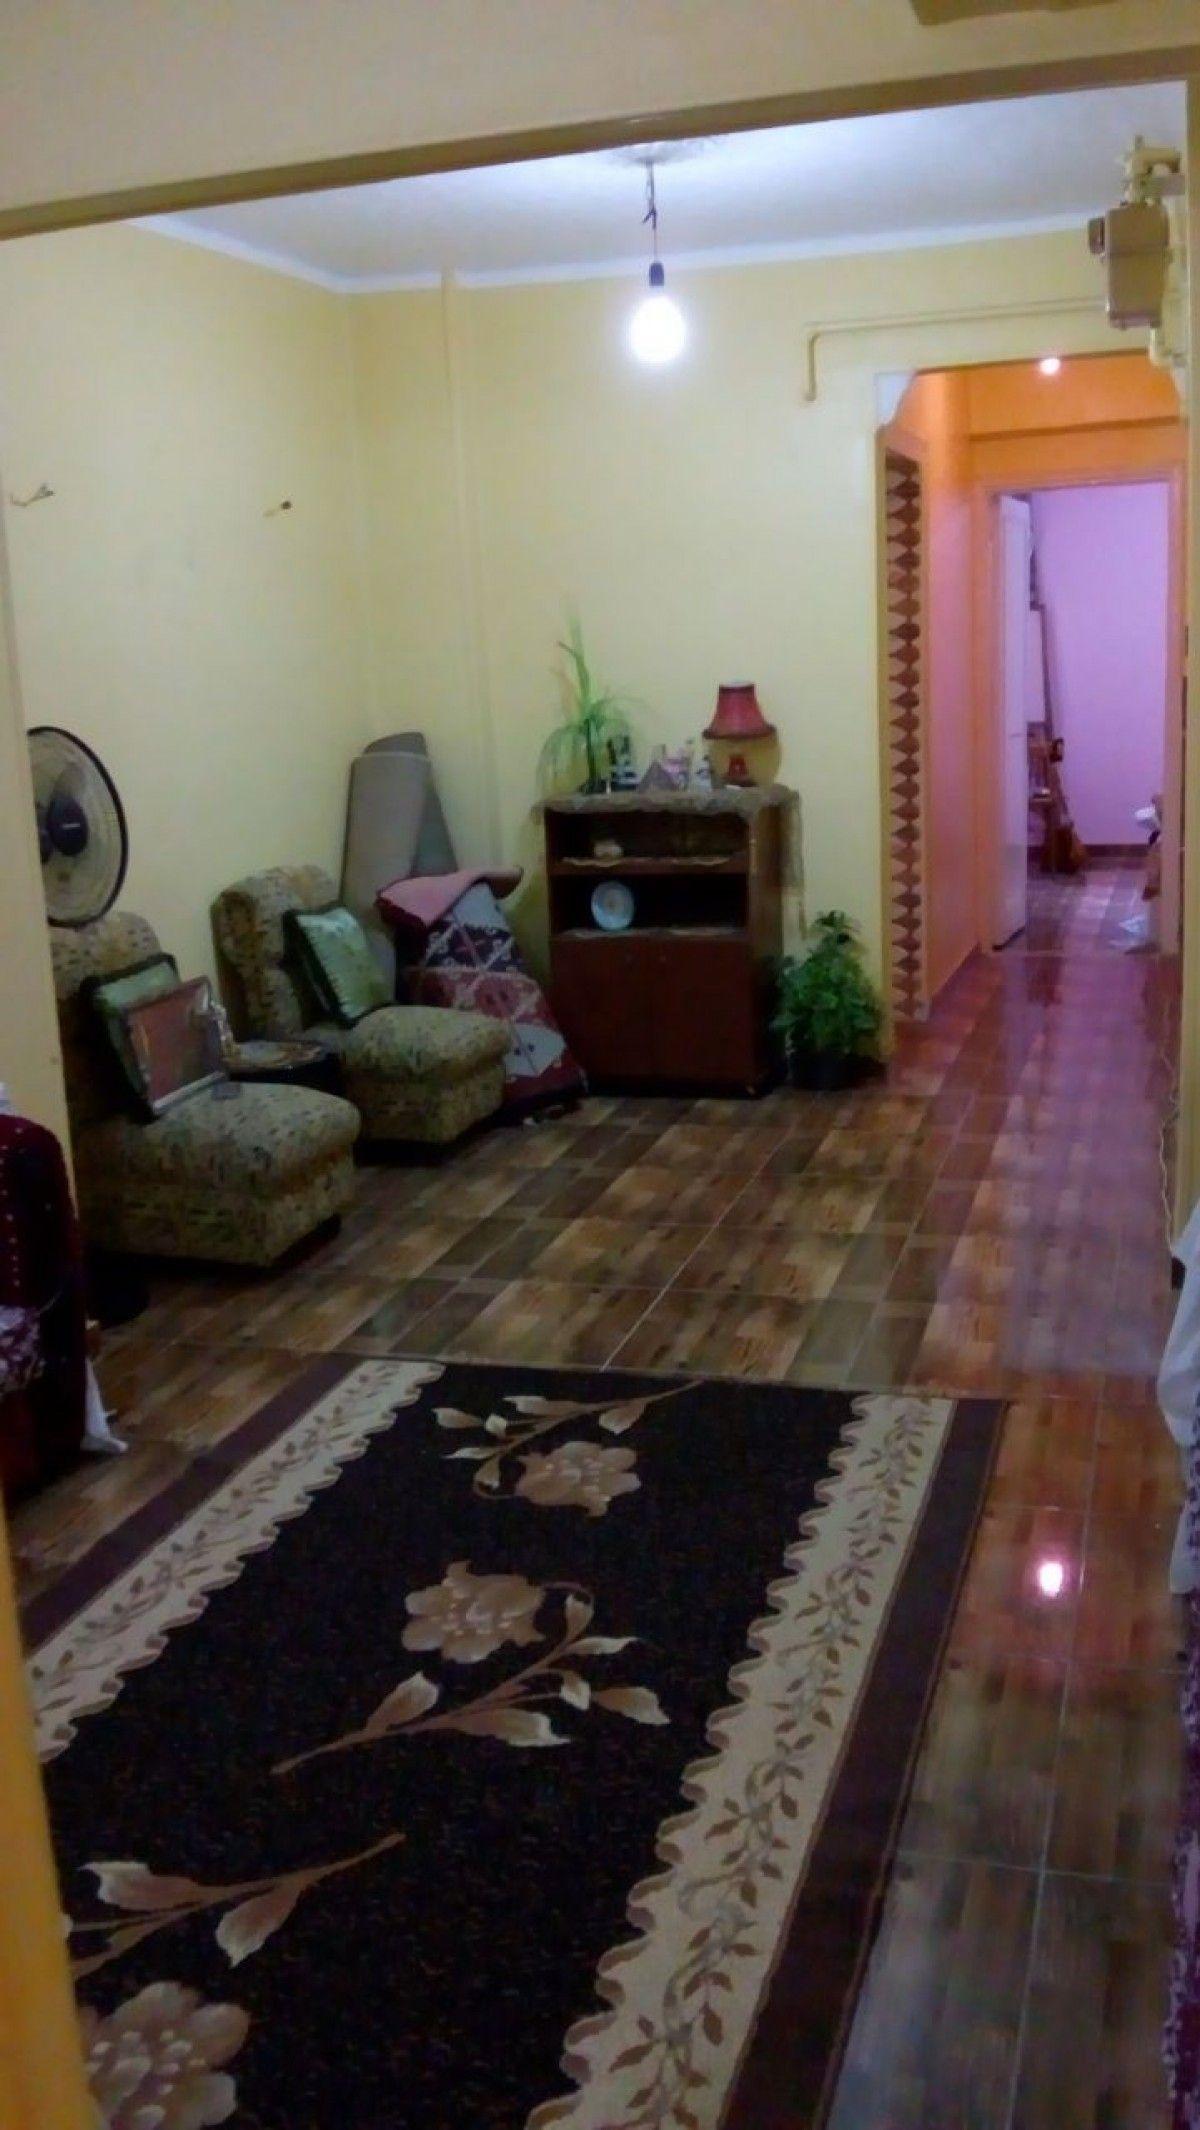 شقة ايجار قديم بارقي مواقع فيصل ش التلاتيني 5 ق من فيصل الرئيسي